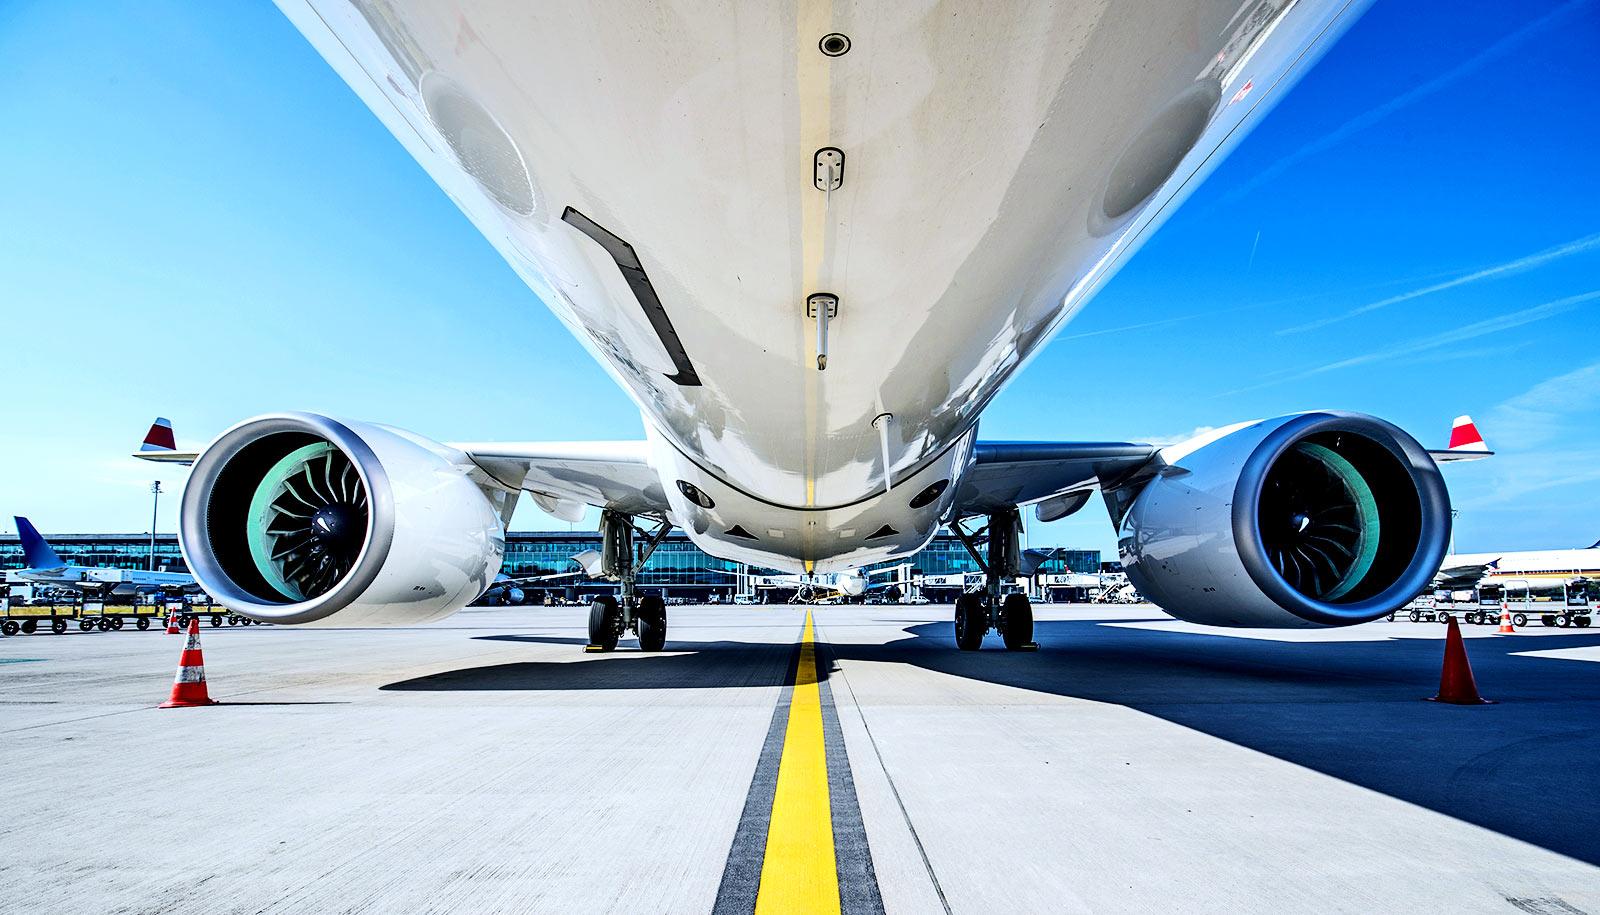 هر هواپیما چقدر عمر میکند ؟